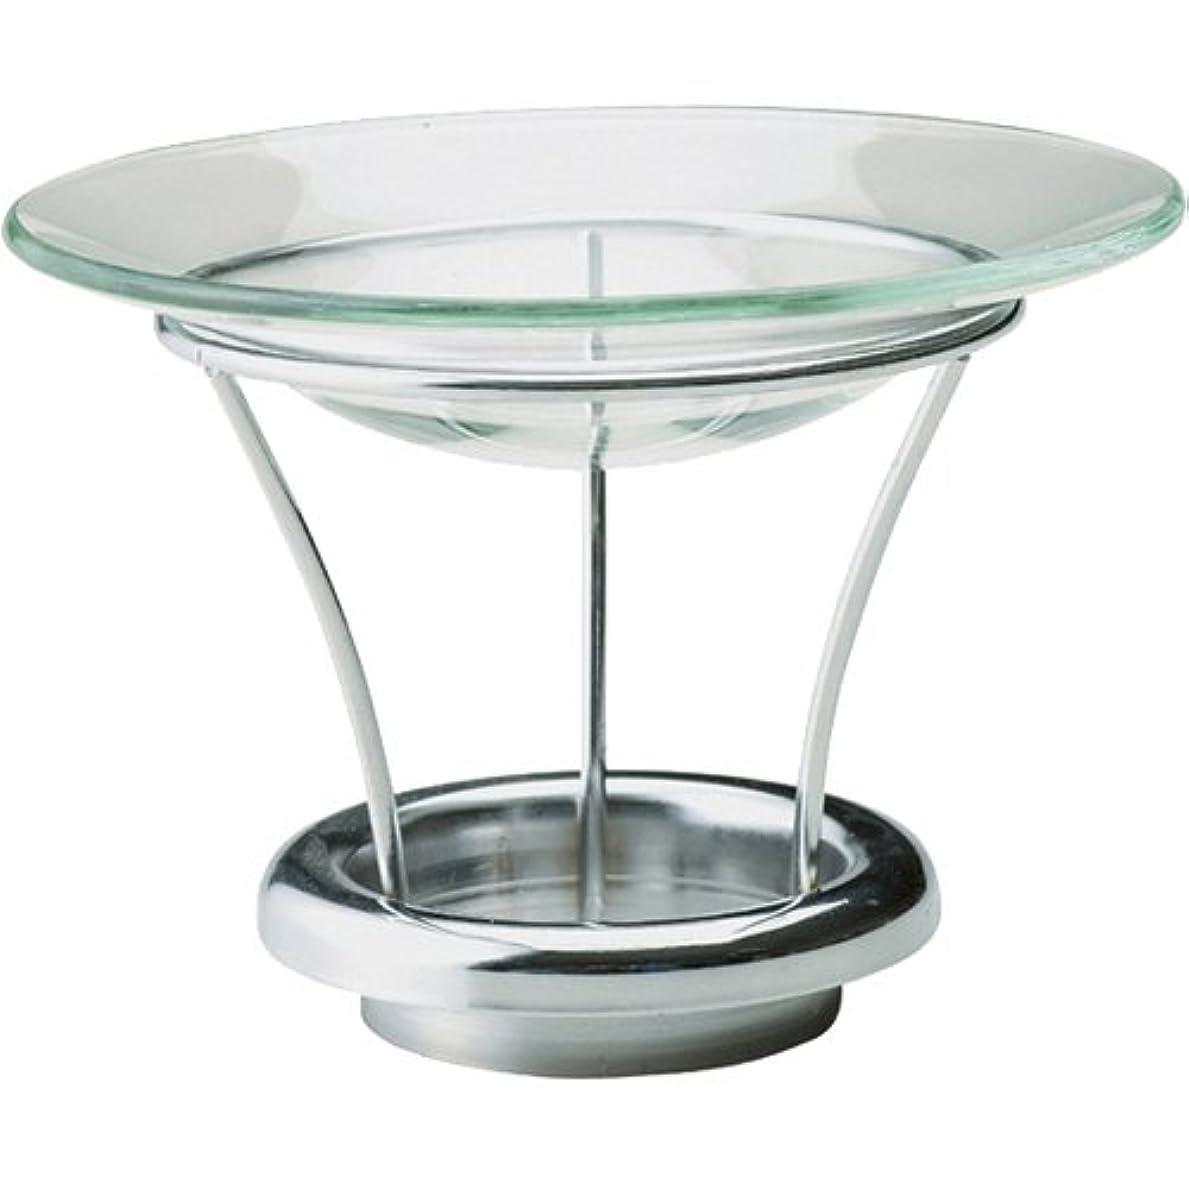 リークを必要としていますカナダカメヤマキャンドルハウス シルエットグラス用アロマウォーマーキット